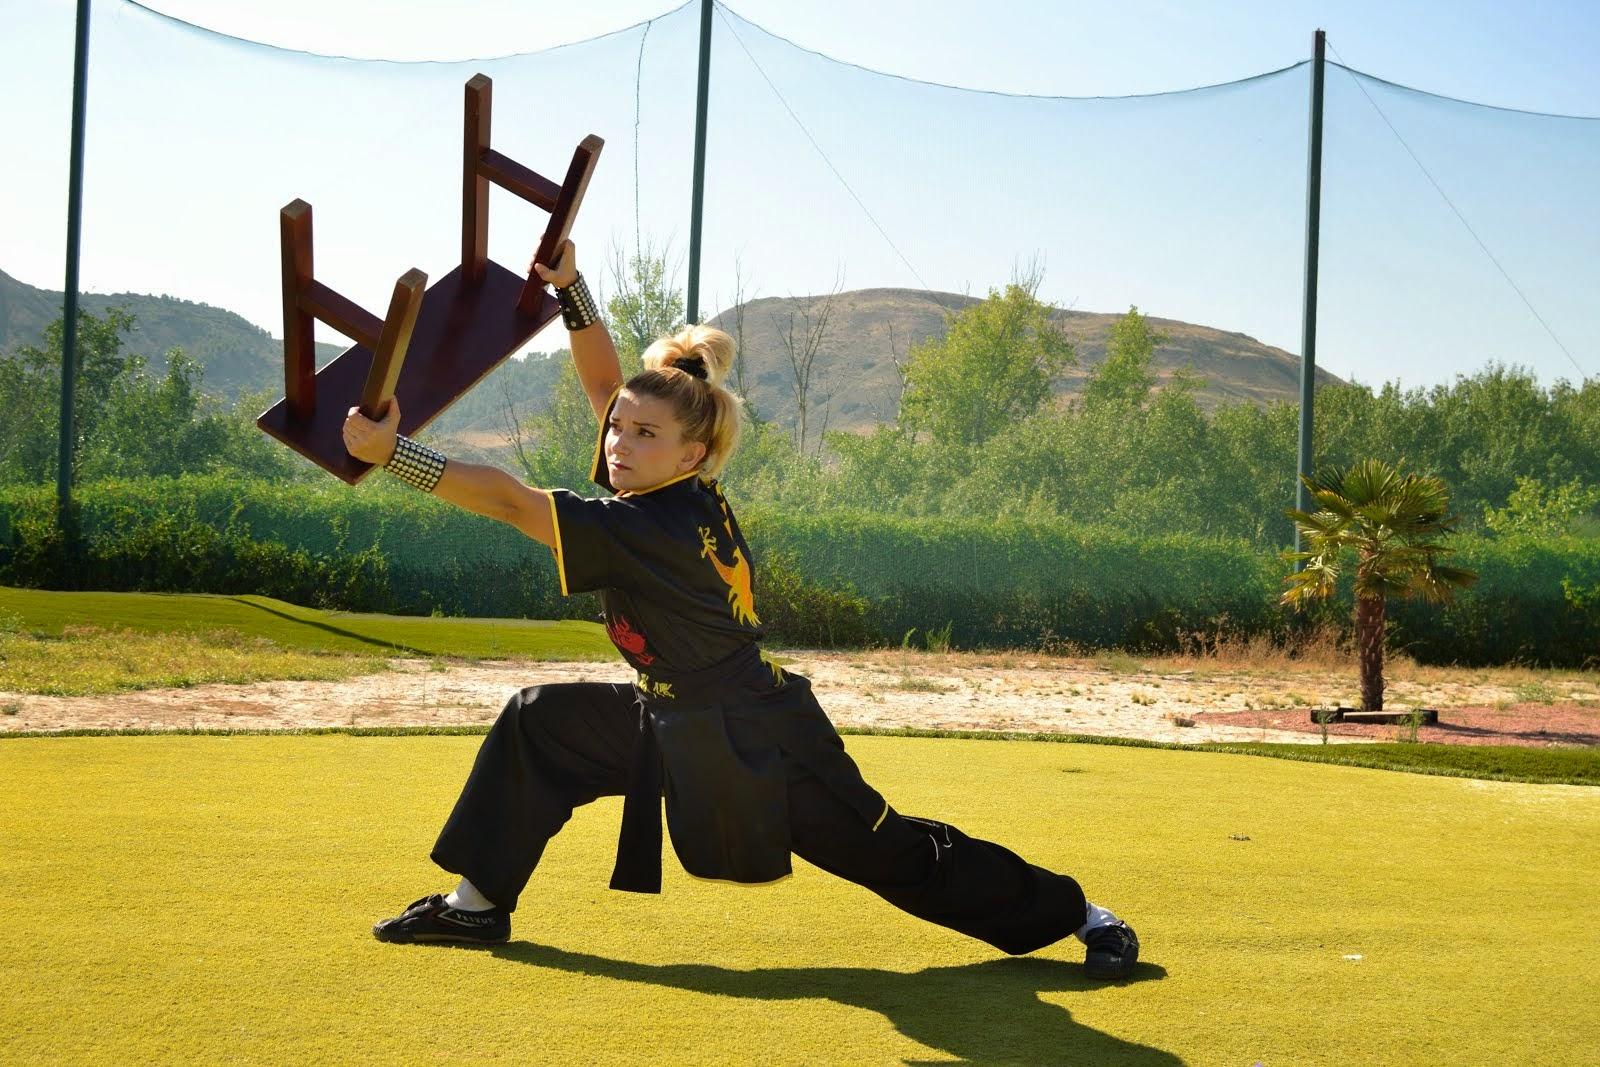 kung fu Wooden Bench Boxing Gōngfū bǎndèng quán